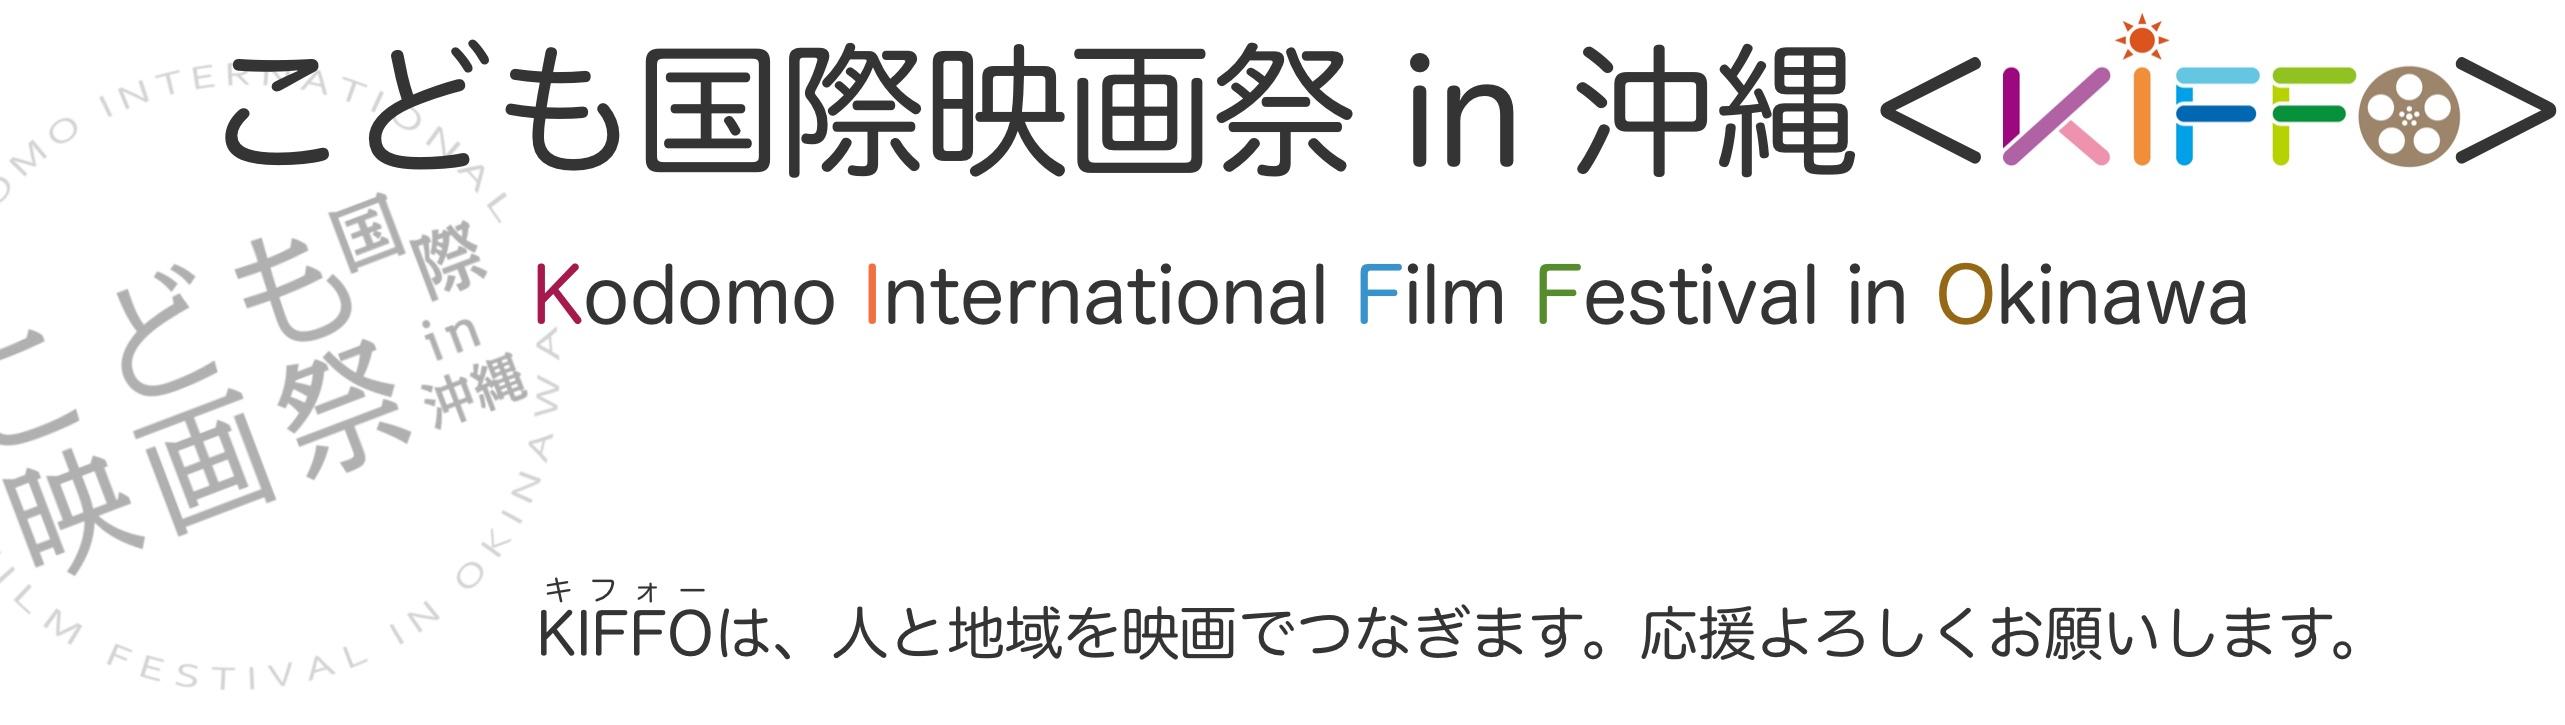 こども国際映画祭in沖縄<KIFFO>